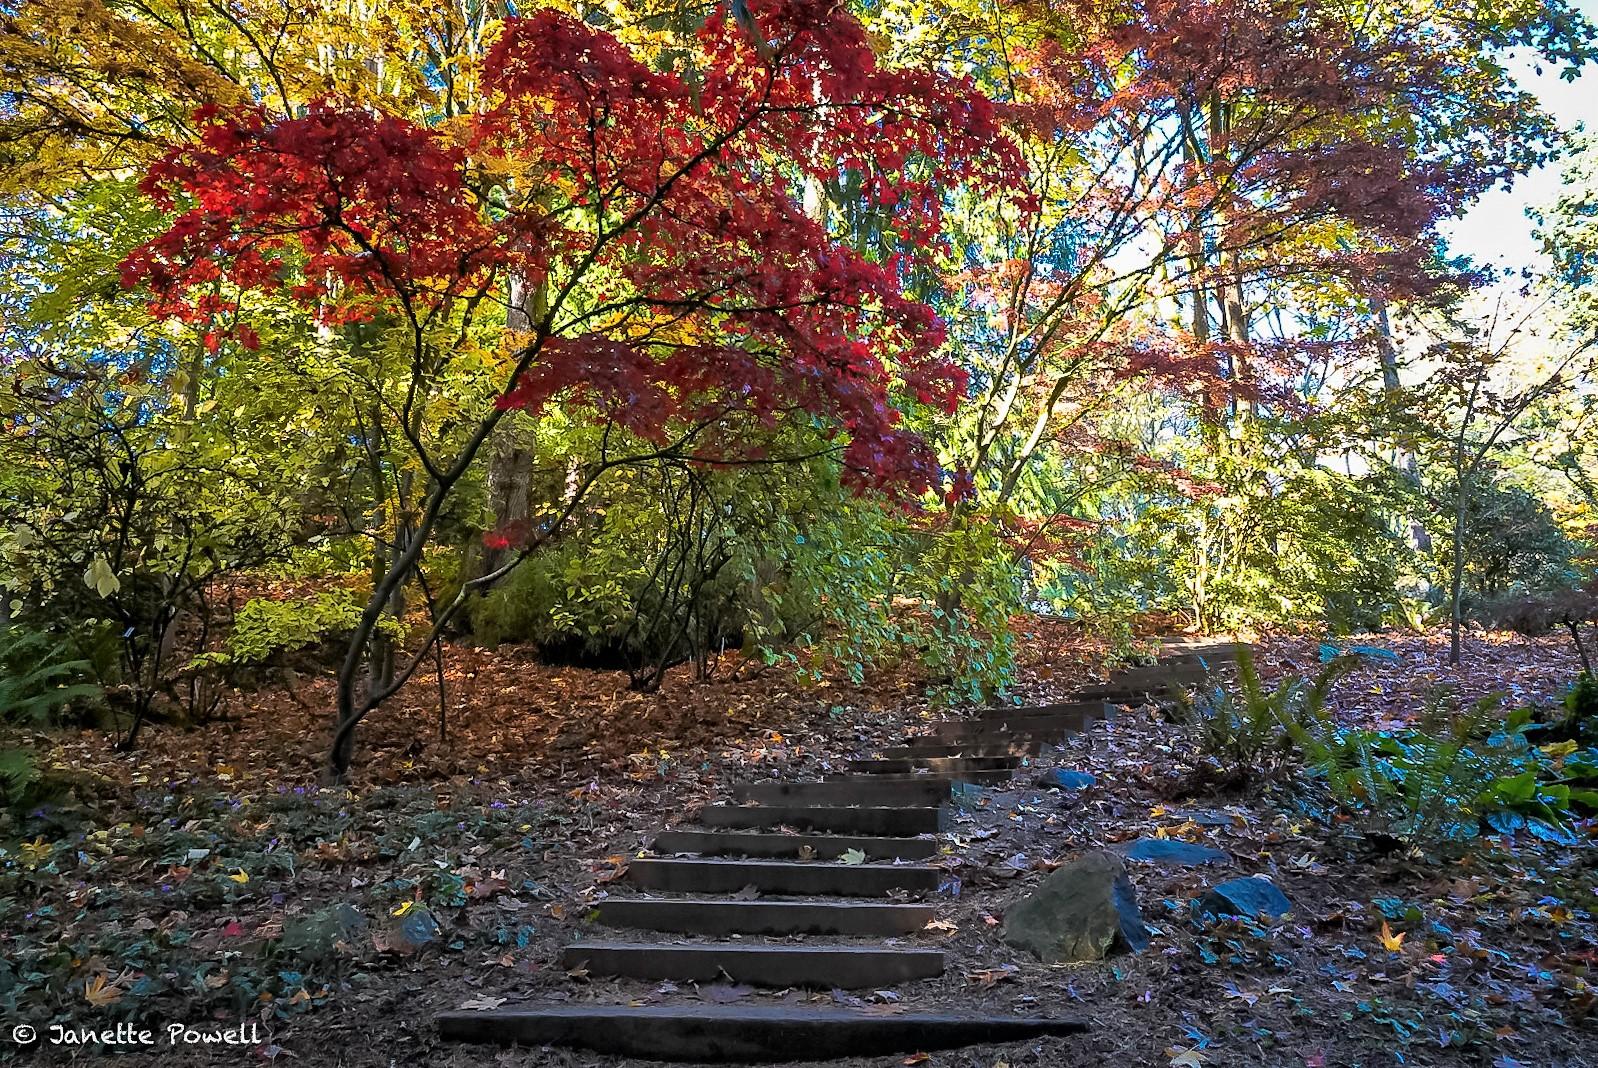 Washington Arboretum